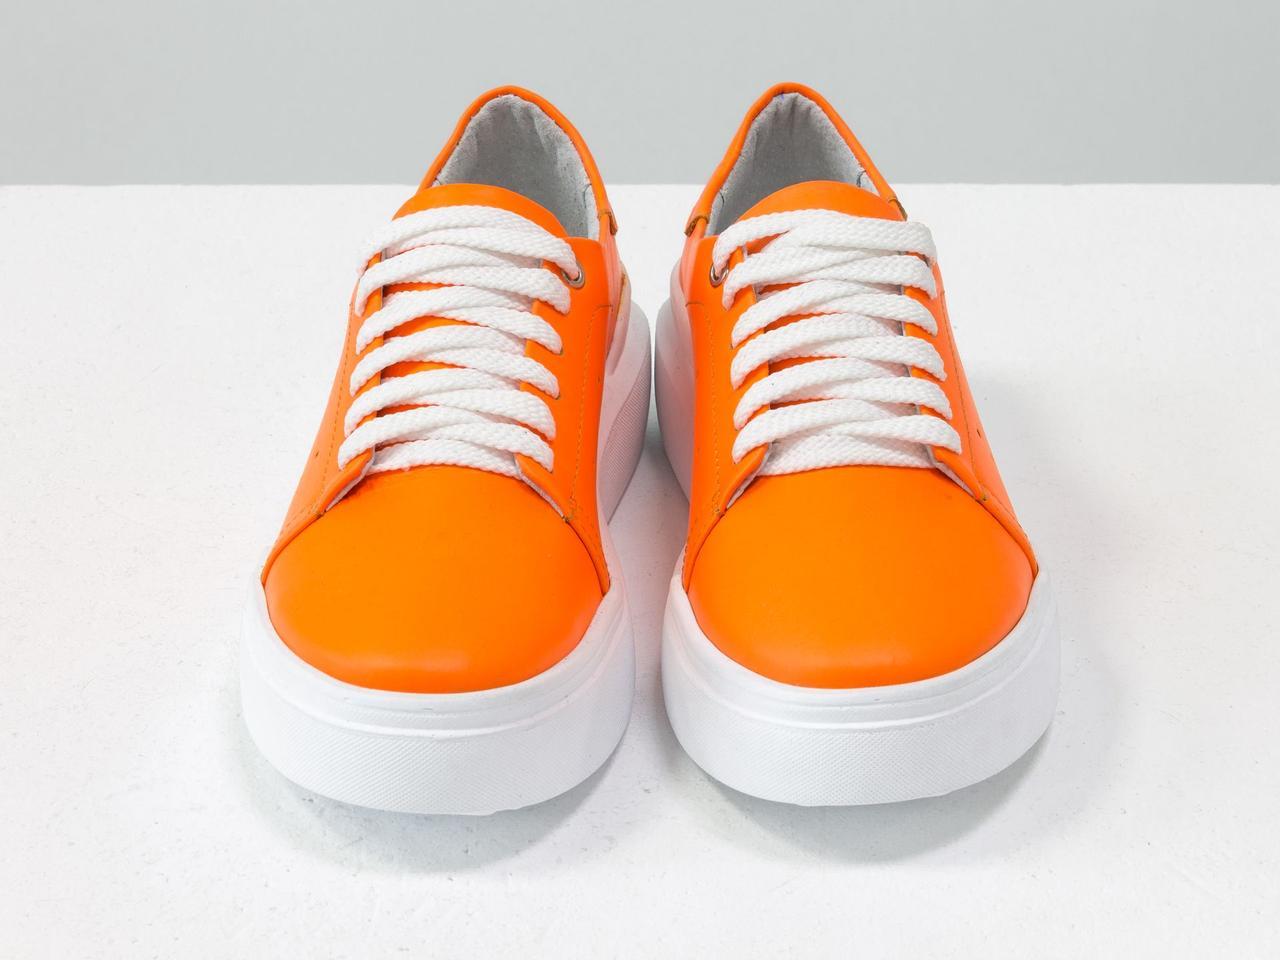 Невероятные неоновые кеды из натуральной матовой кожи ярко-оранжевого цвета 40 - фото 7